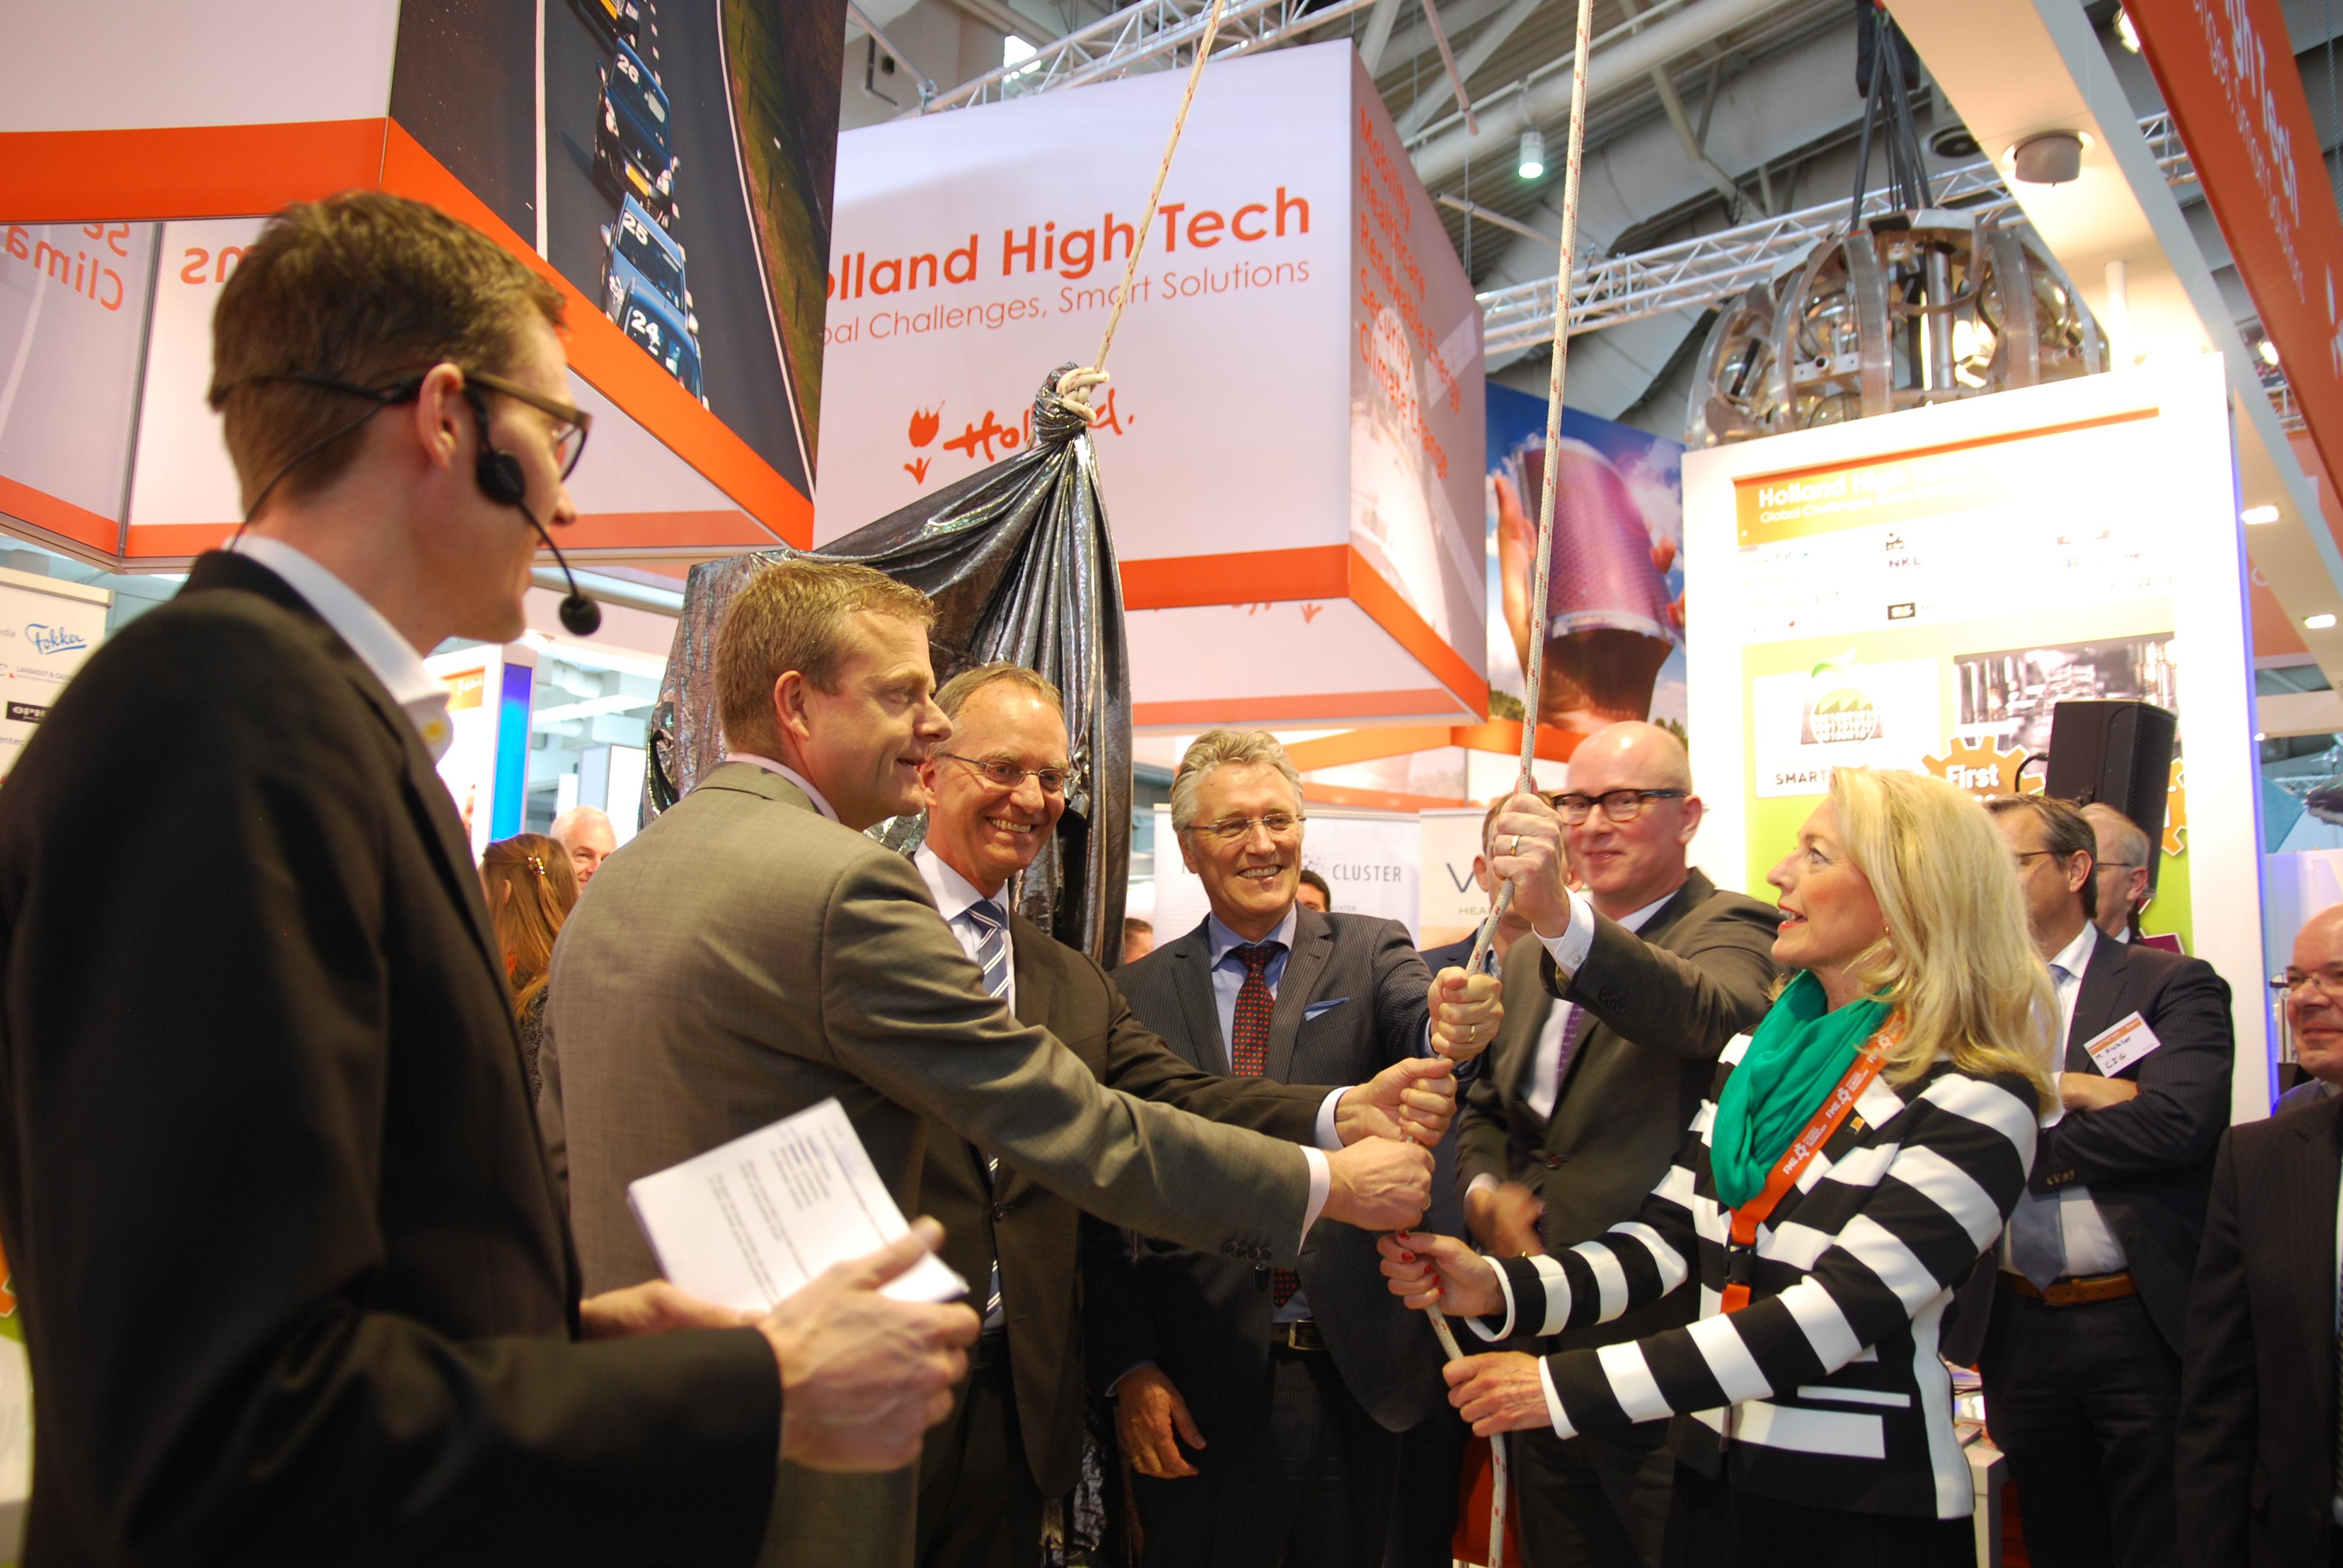 Busreis: Ga met de experts mee naar de Hannover Messe!